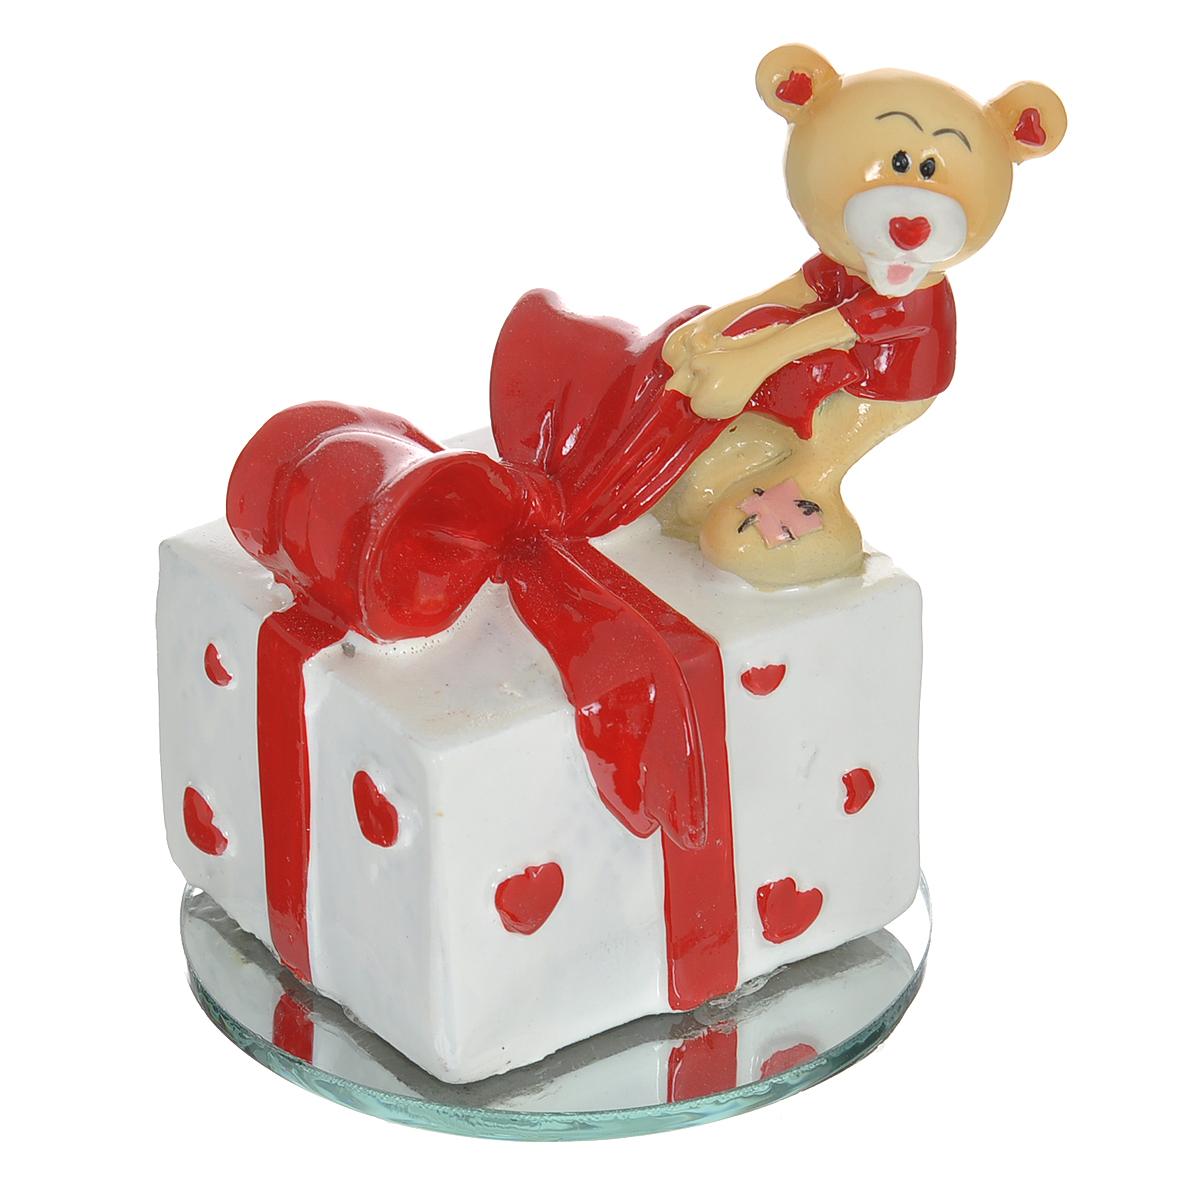 Фигурка декоративная Мишка-валентинка. 123435123435Декоративная фигурка Мишка-валентинка изготовлена из полистоуна в виде милого медвежонка, открывающего подарок. Фигурка расположена на круглой зеркальной подставке. Такая фигурка станет идеальным сувениром ко Дню Святого Валентина, она без лишних слов выразит все ваши чувства. Фигурка упакована в подарочную коробку, перевязанную красной атласной лентой. Характеристики: Материал: полистоун, стекло. Цвет: бежевый, красный, белый. Диаметр основания: 6,5 см. Высота фигурки: 8 см. Размер упаковки: 9,5 см х 9 см х 11 см. Артикул: 123435.